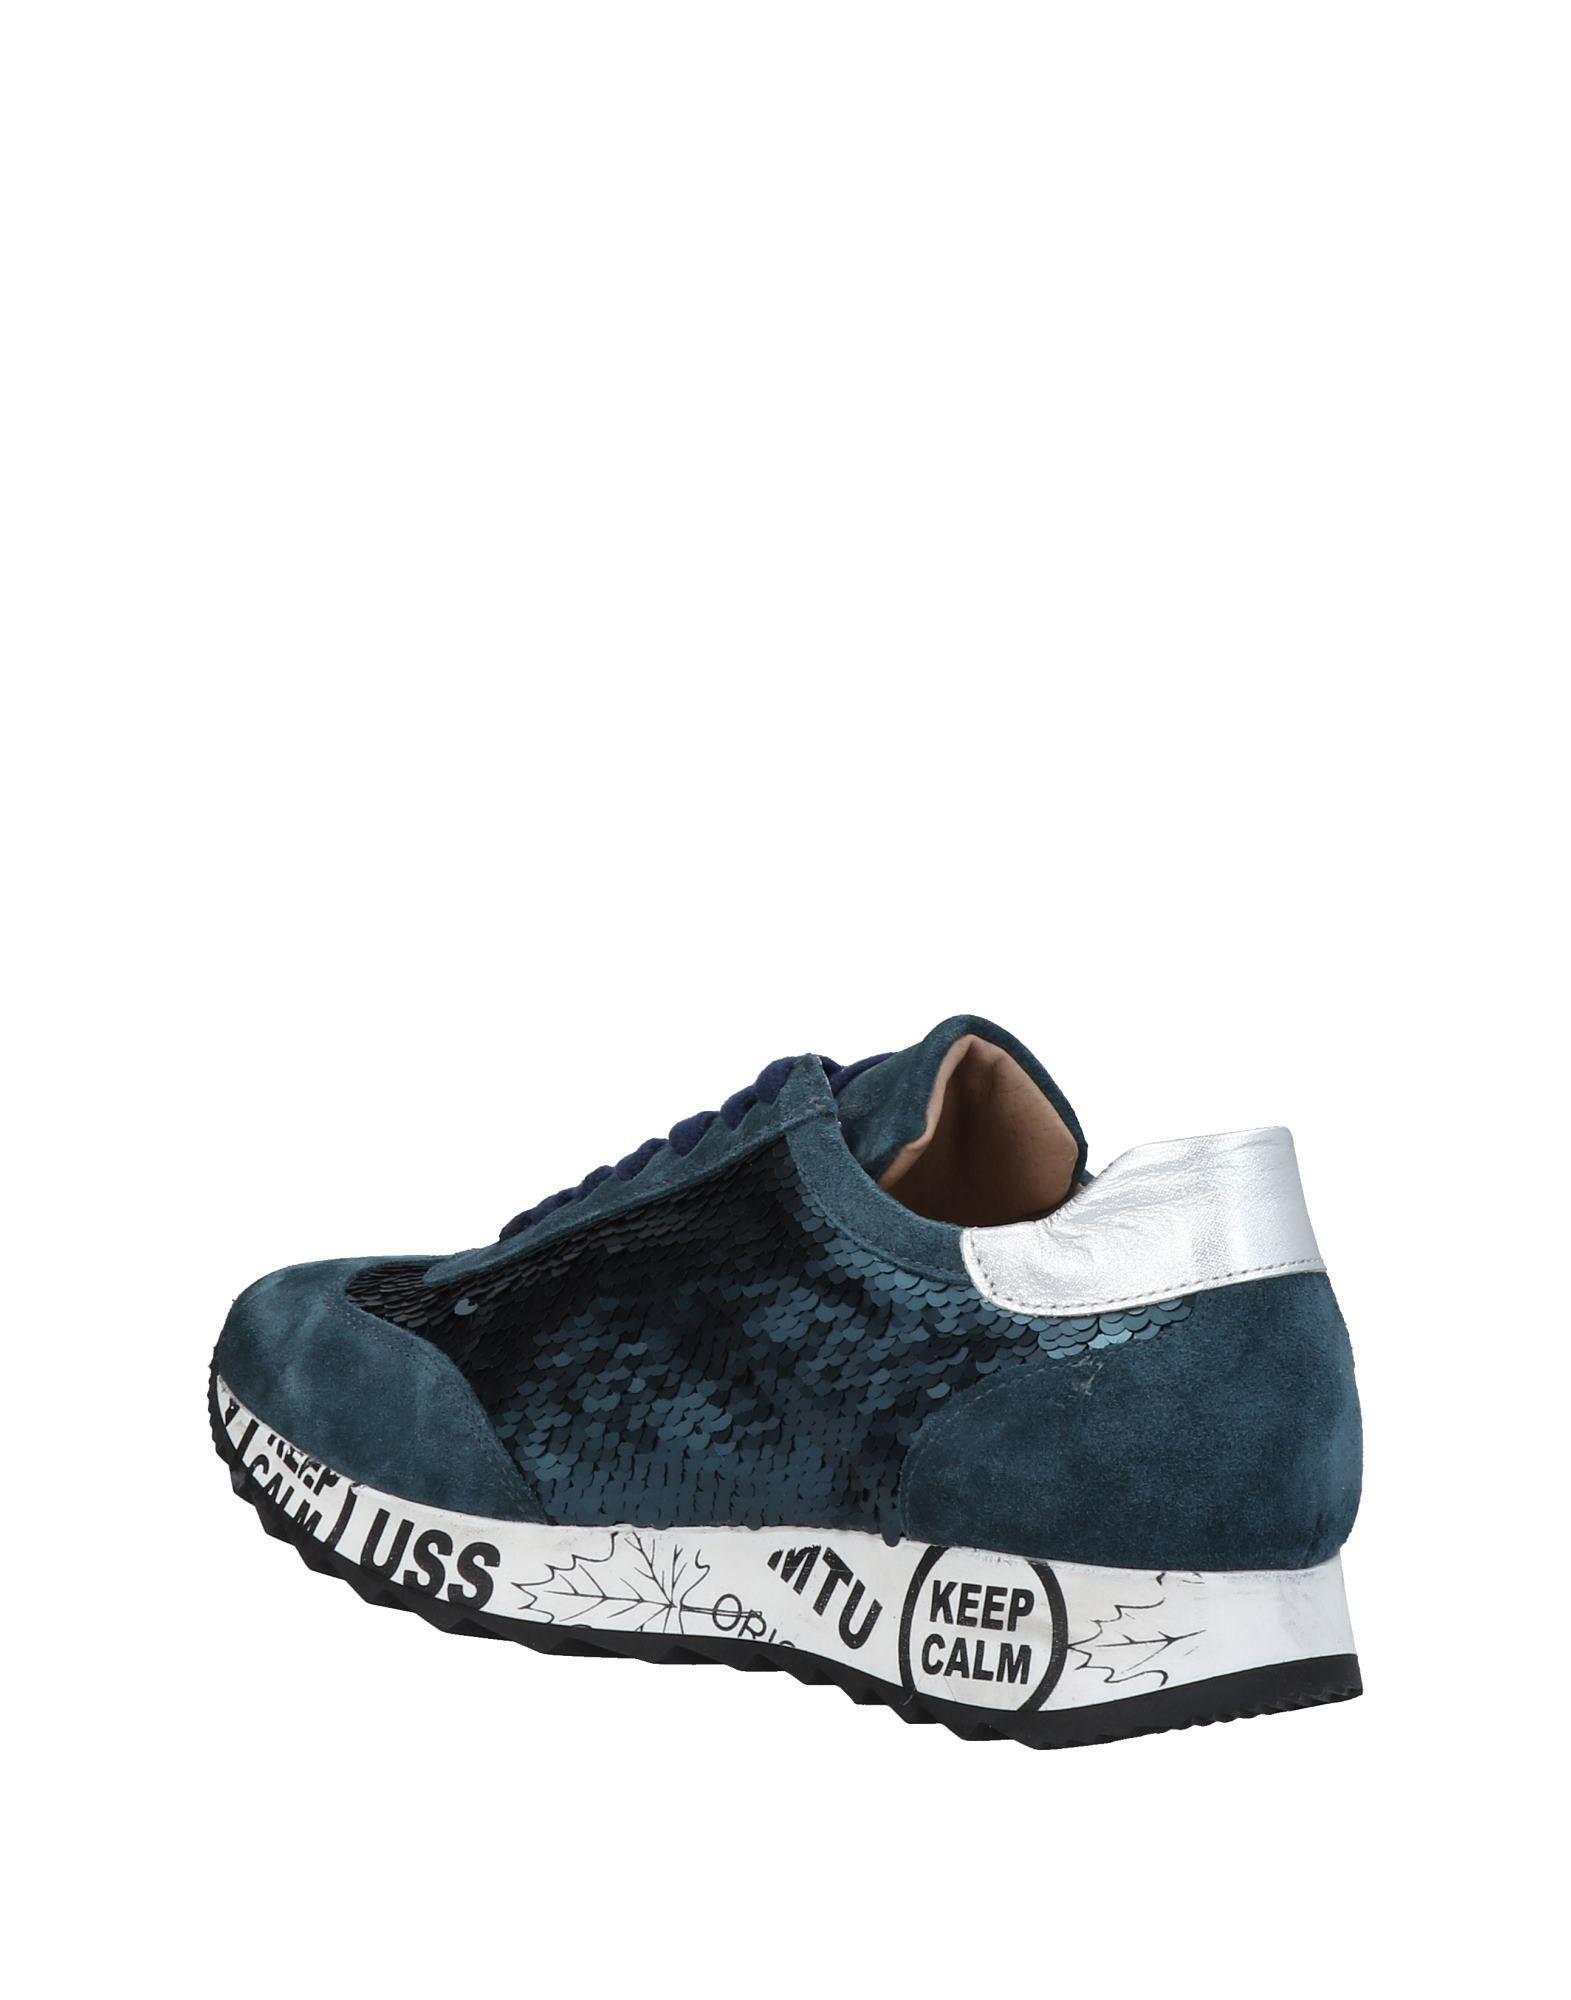 Stele Sneakers Damen Gutes Gutes Gutes Preis-Leistungs-Verhältnis, es lohnt sich a15c1c